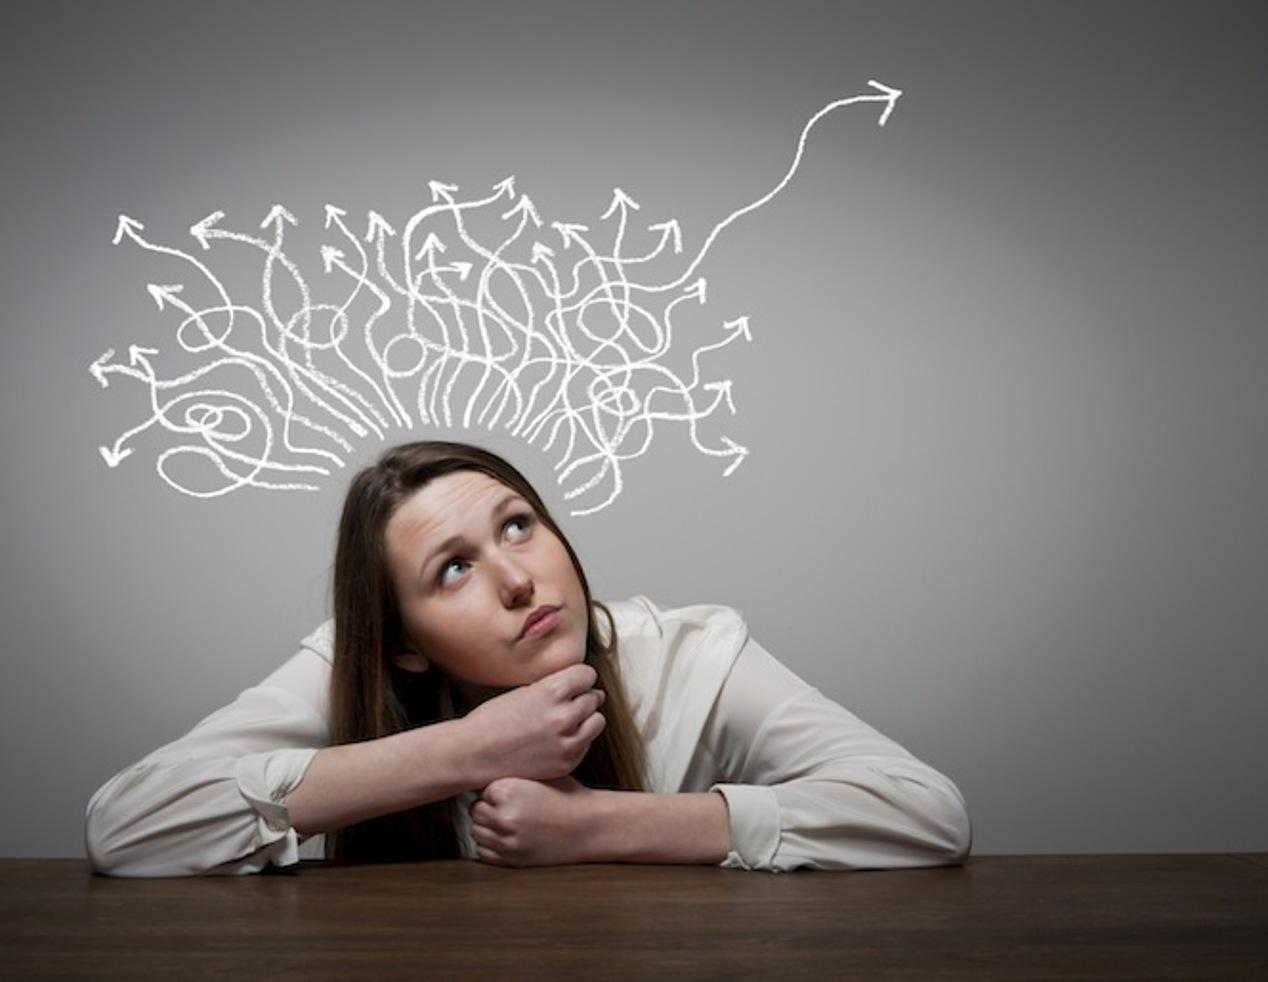 Động kinh làm giảm khả năng ghi nhớ của não bộ